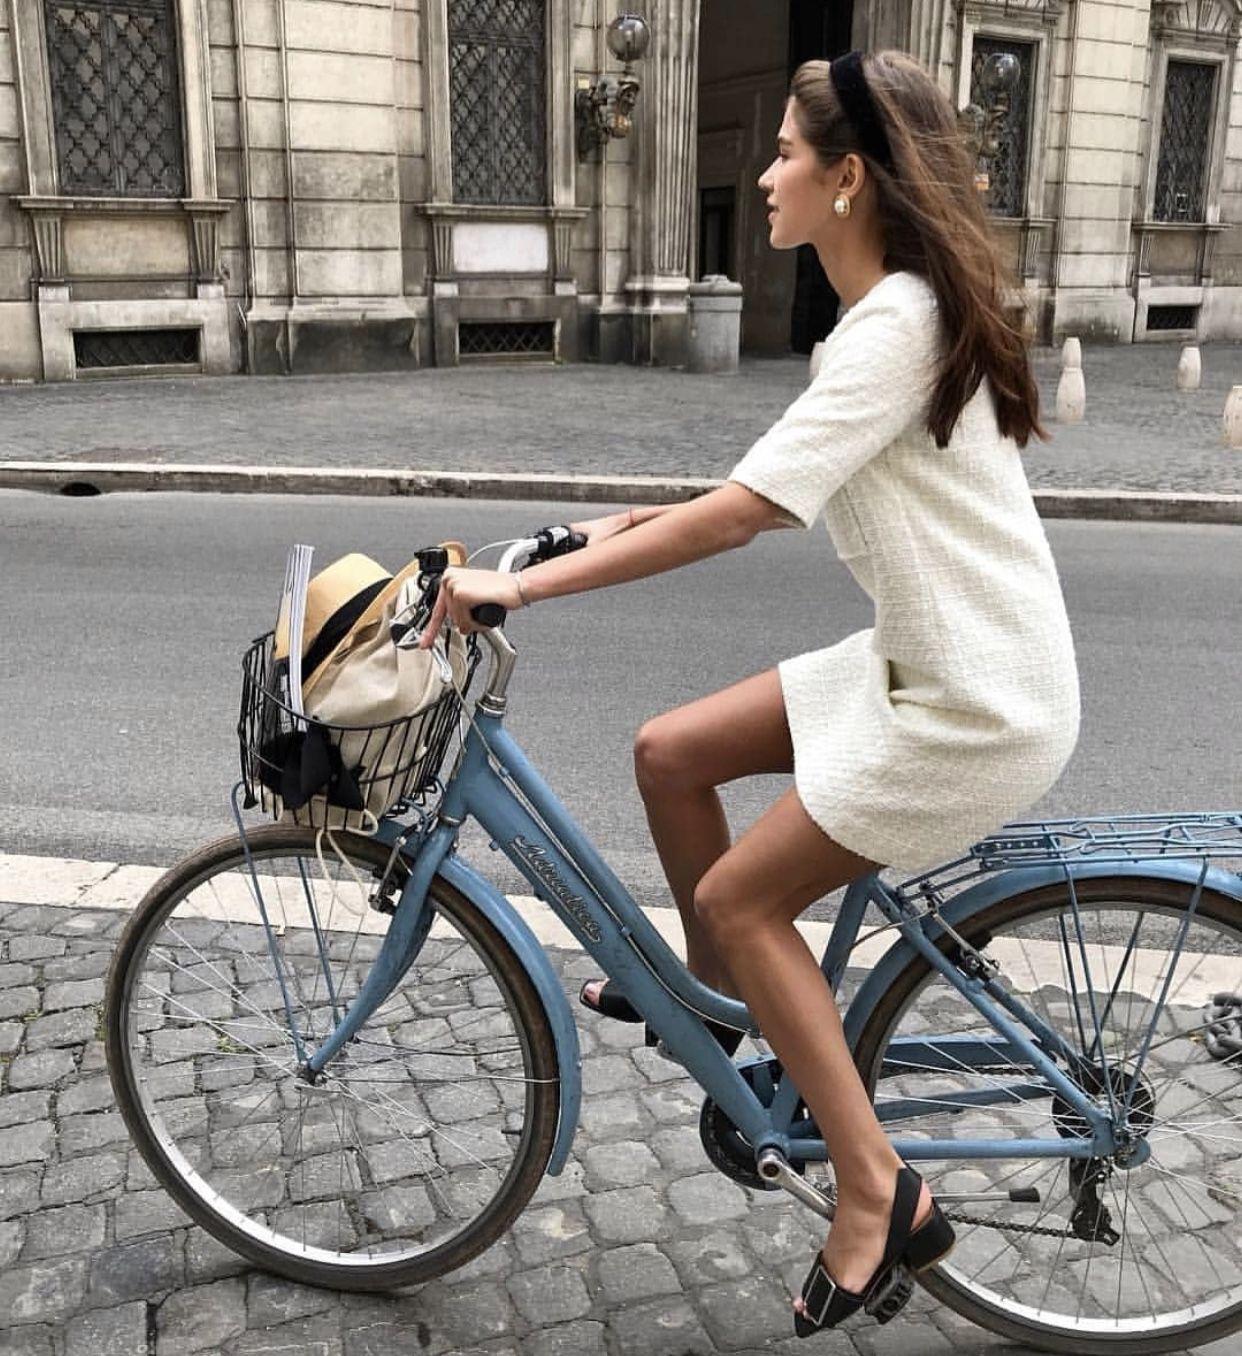 Gái Pháp không chỉ mặc đẹp mà còn chăm da cực đỉnh, học xong 4 tip của họ là làn da sẽ lên hương - Ảnh 2.